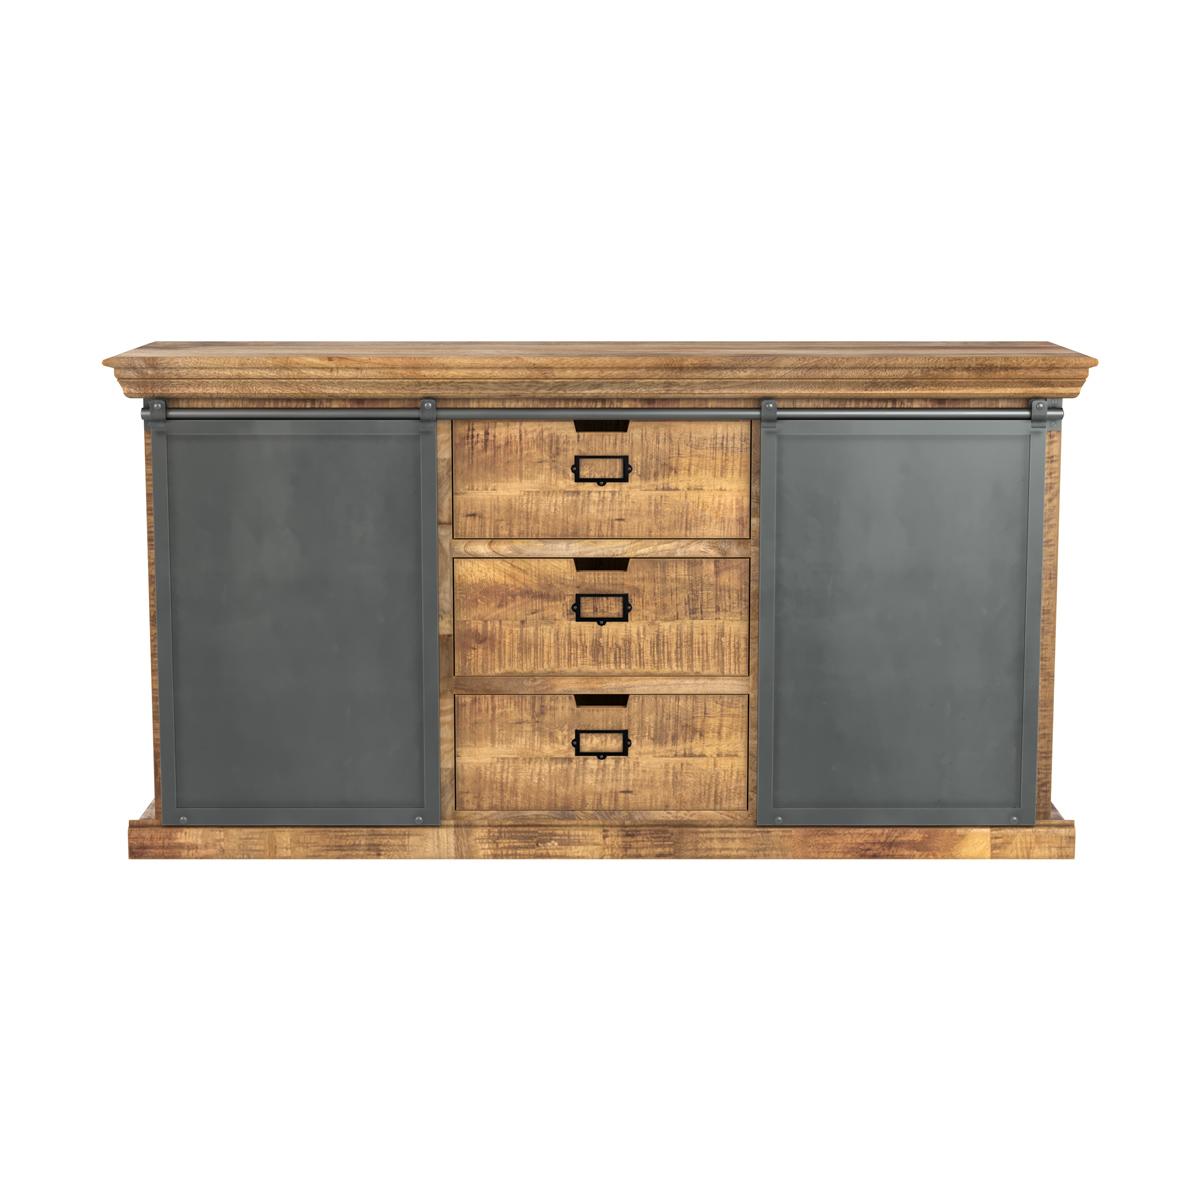 Buffet en bois 3 tiroirs 2 portes coulissantes en métal